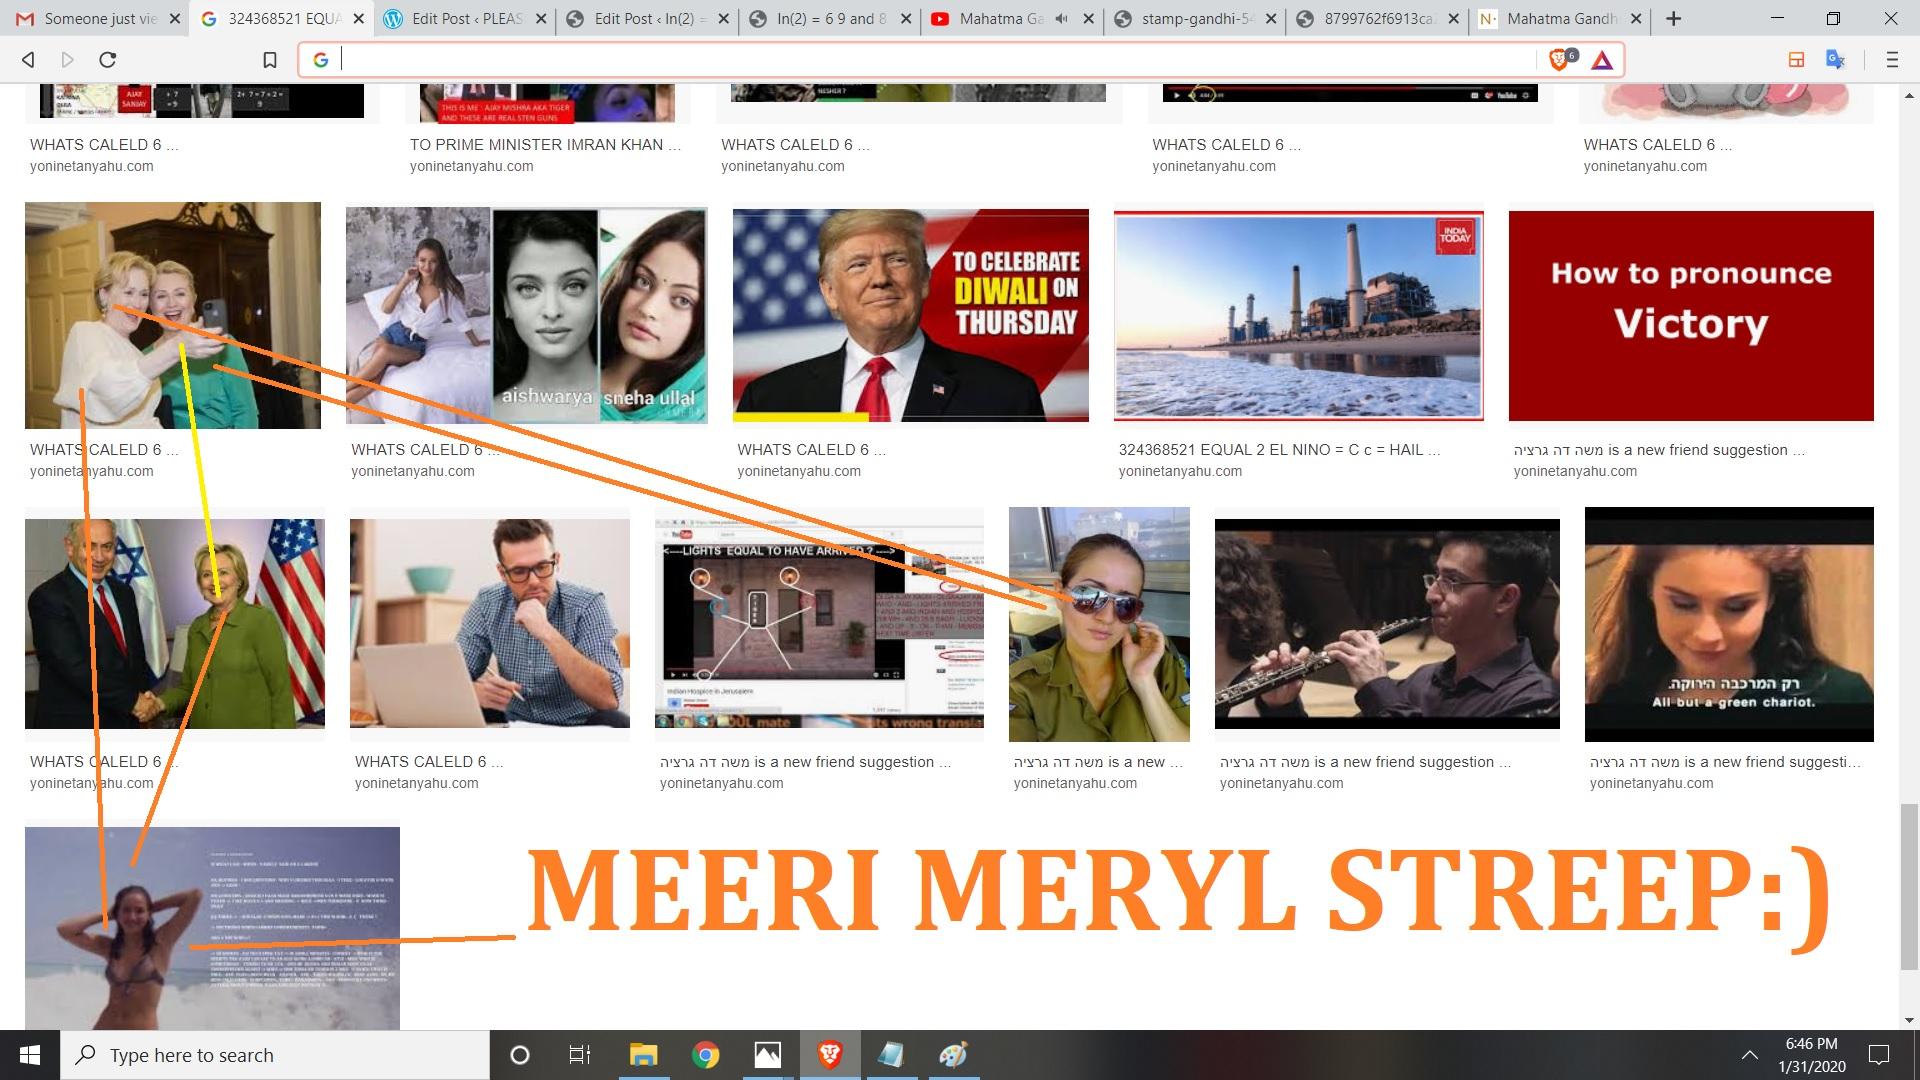 MEERI MERYLN STREEP